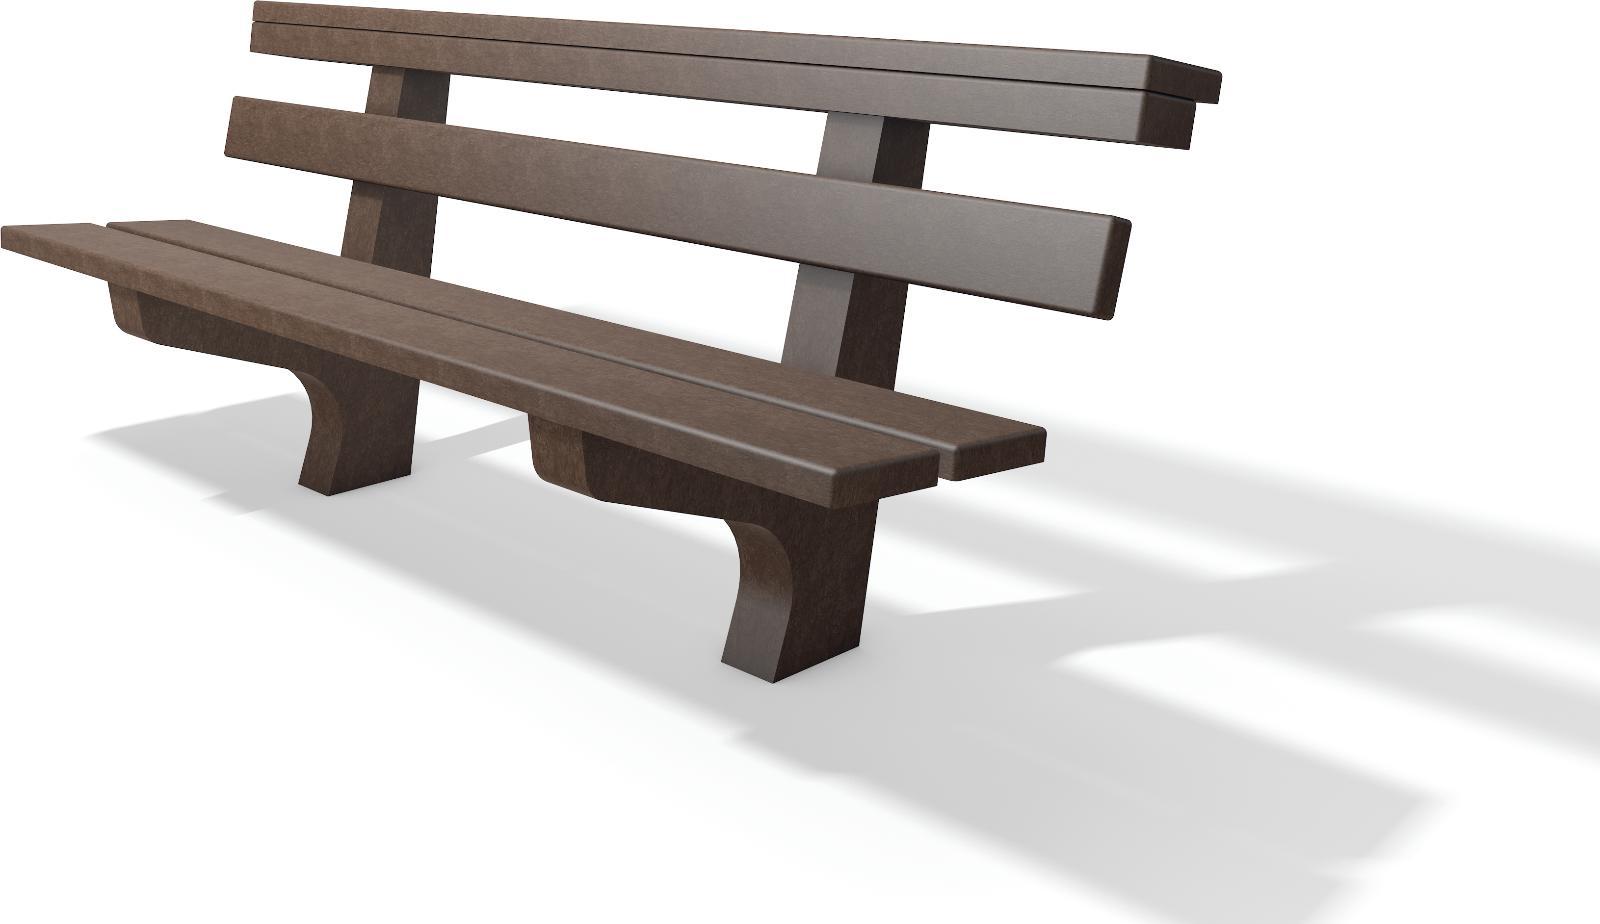 kunststoff b nke rk shop recycling kunststoff produkte. Black Bedroom Furniture Sets. Home Design Ideas